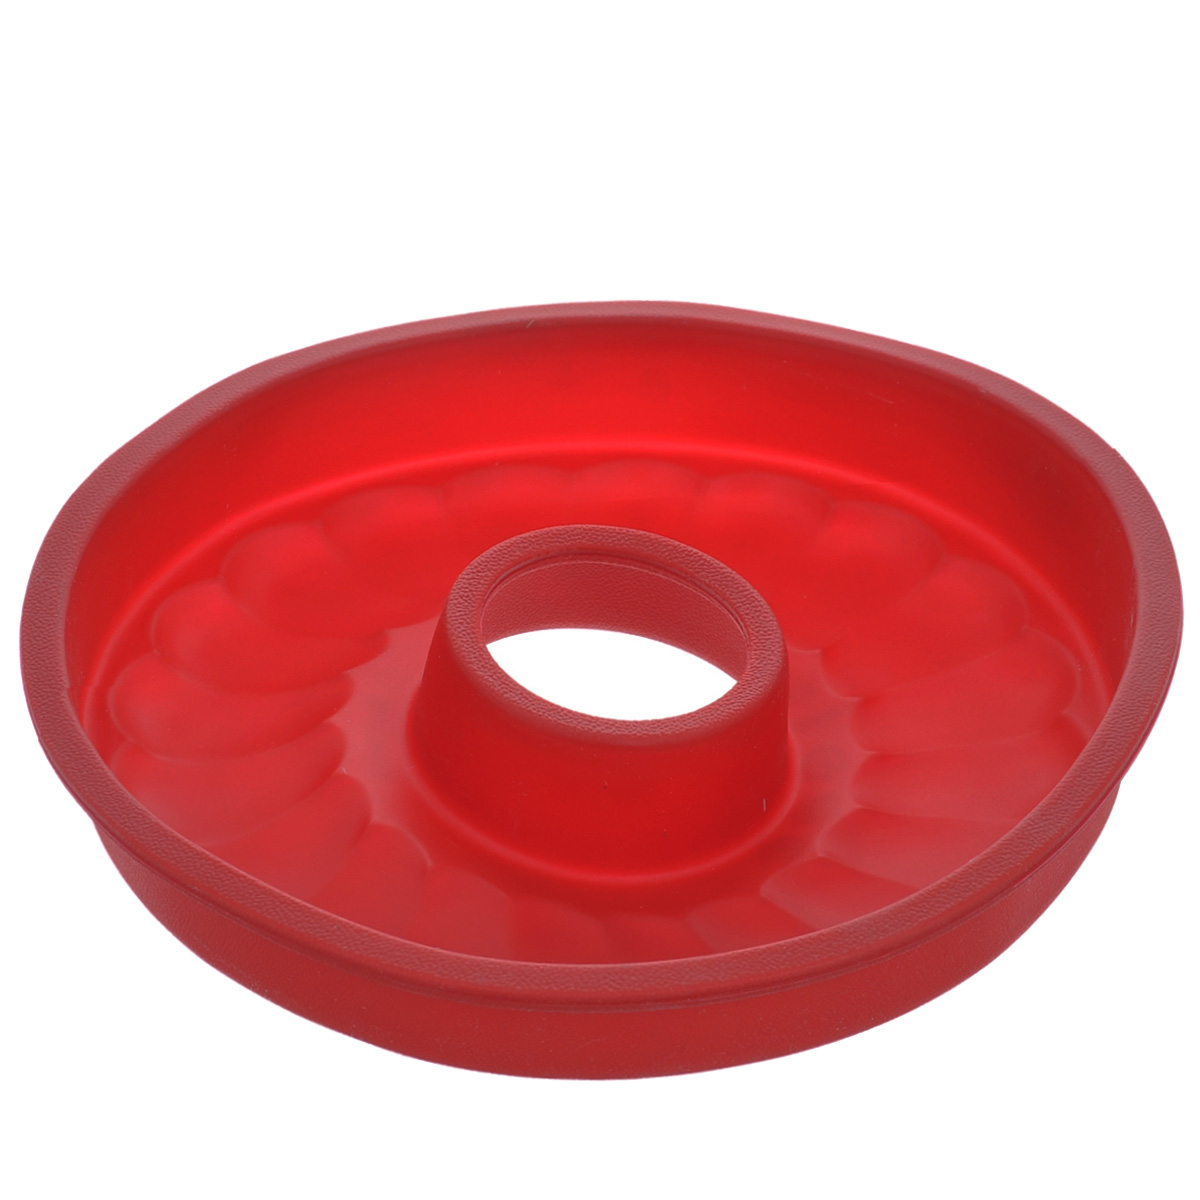 Форма для выпечки кекса Tescoma Delicia Silicone, круглая, цвет: красный, диаметр 26 см. 62922868/5/4Круглая форма Tescoma Delicia Silicone будет отличным выбором для всех любителей выпечки. Благодаря тому, что форма изготовлена из силикона, готовую выпечку вынимать легко и просто. Дно формы оснащено рельефной поверхностью. Форма прекрасно подходит для выпечки кексов.С такой формой вы всегда сможете порадовать своих близких оригинальной выпечкой. Материал изделия устойчив к фруктовым кислотам, может быть использован в духовках, микроволновых печах, холодильниках и морозильных камерах (выдерживает температуру от -40°C до 230°C). Антипригарные свойства материала позволяют готовить без использования масла.Можно мыть и сушить в посудомоечной машине. При работе с формой используйте кухонный инструмент из силикона - кисти, лопатки, скребки. Не ставьте форму на электрическую конфорку. Не разрезайте выпечку прямо в форме.